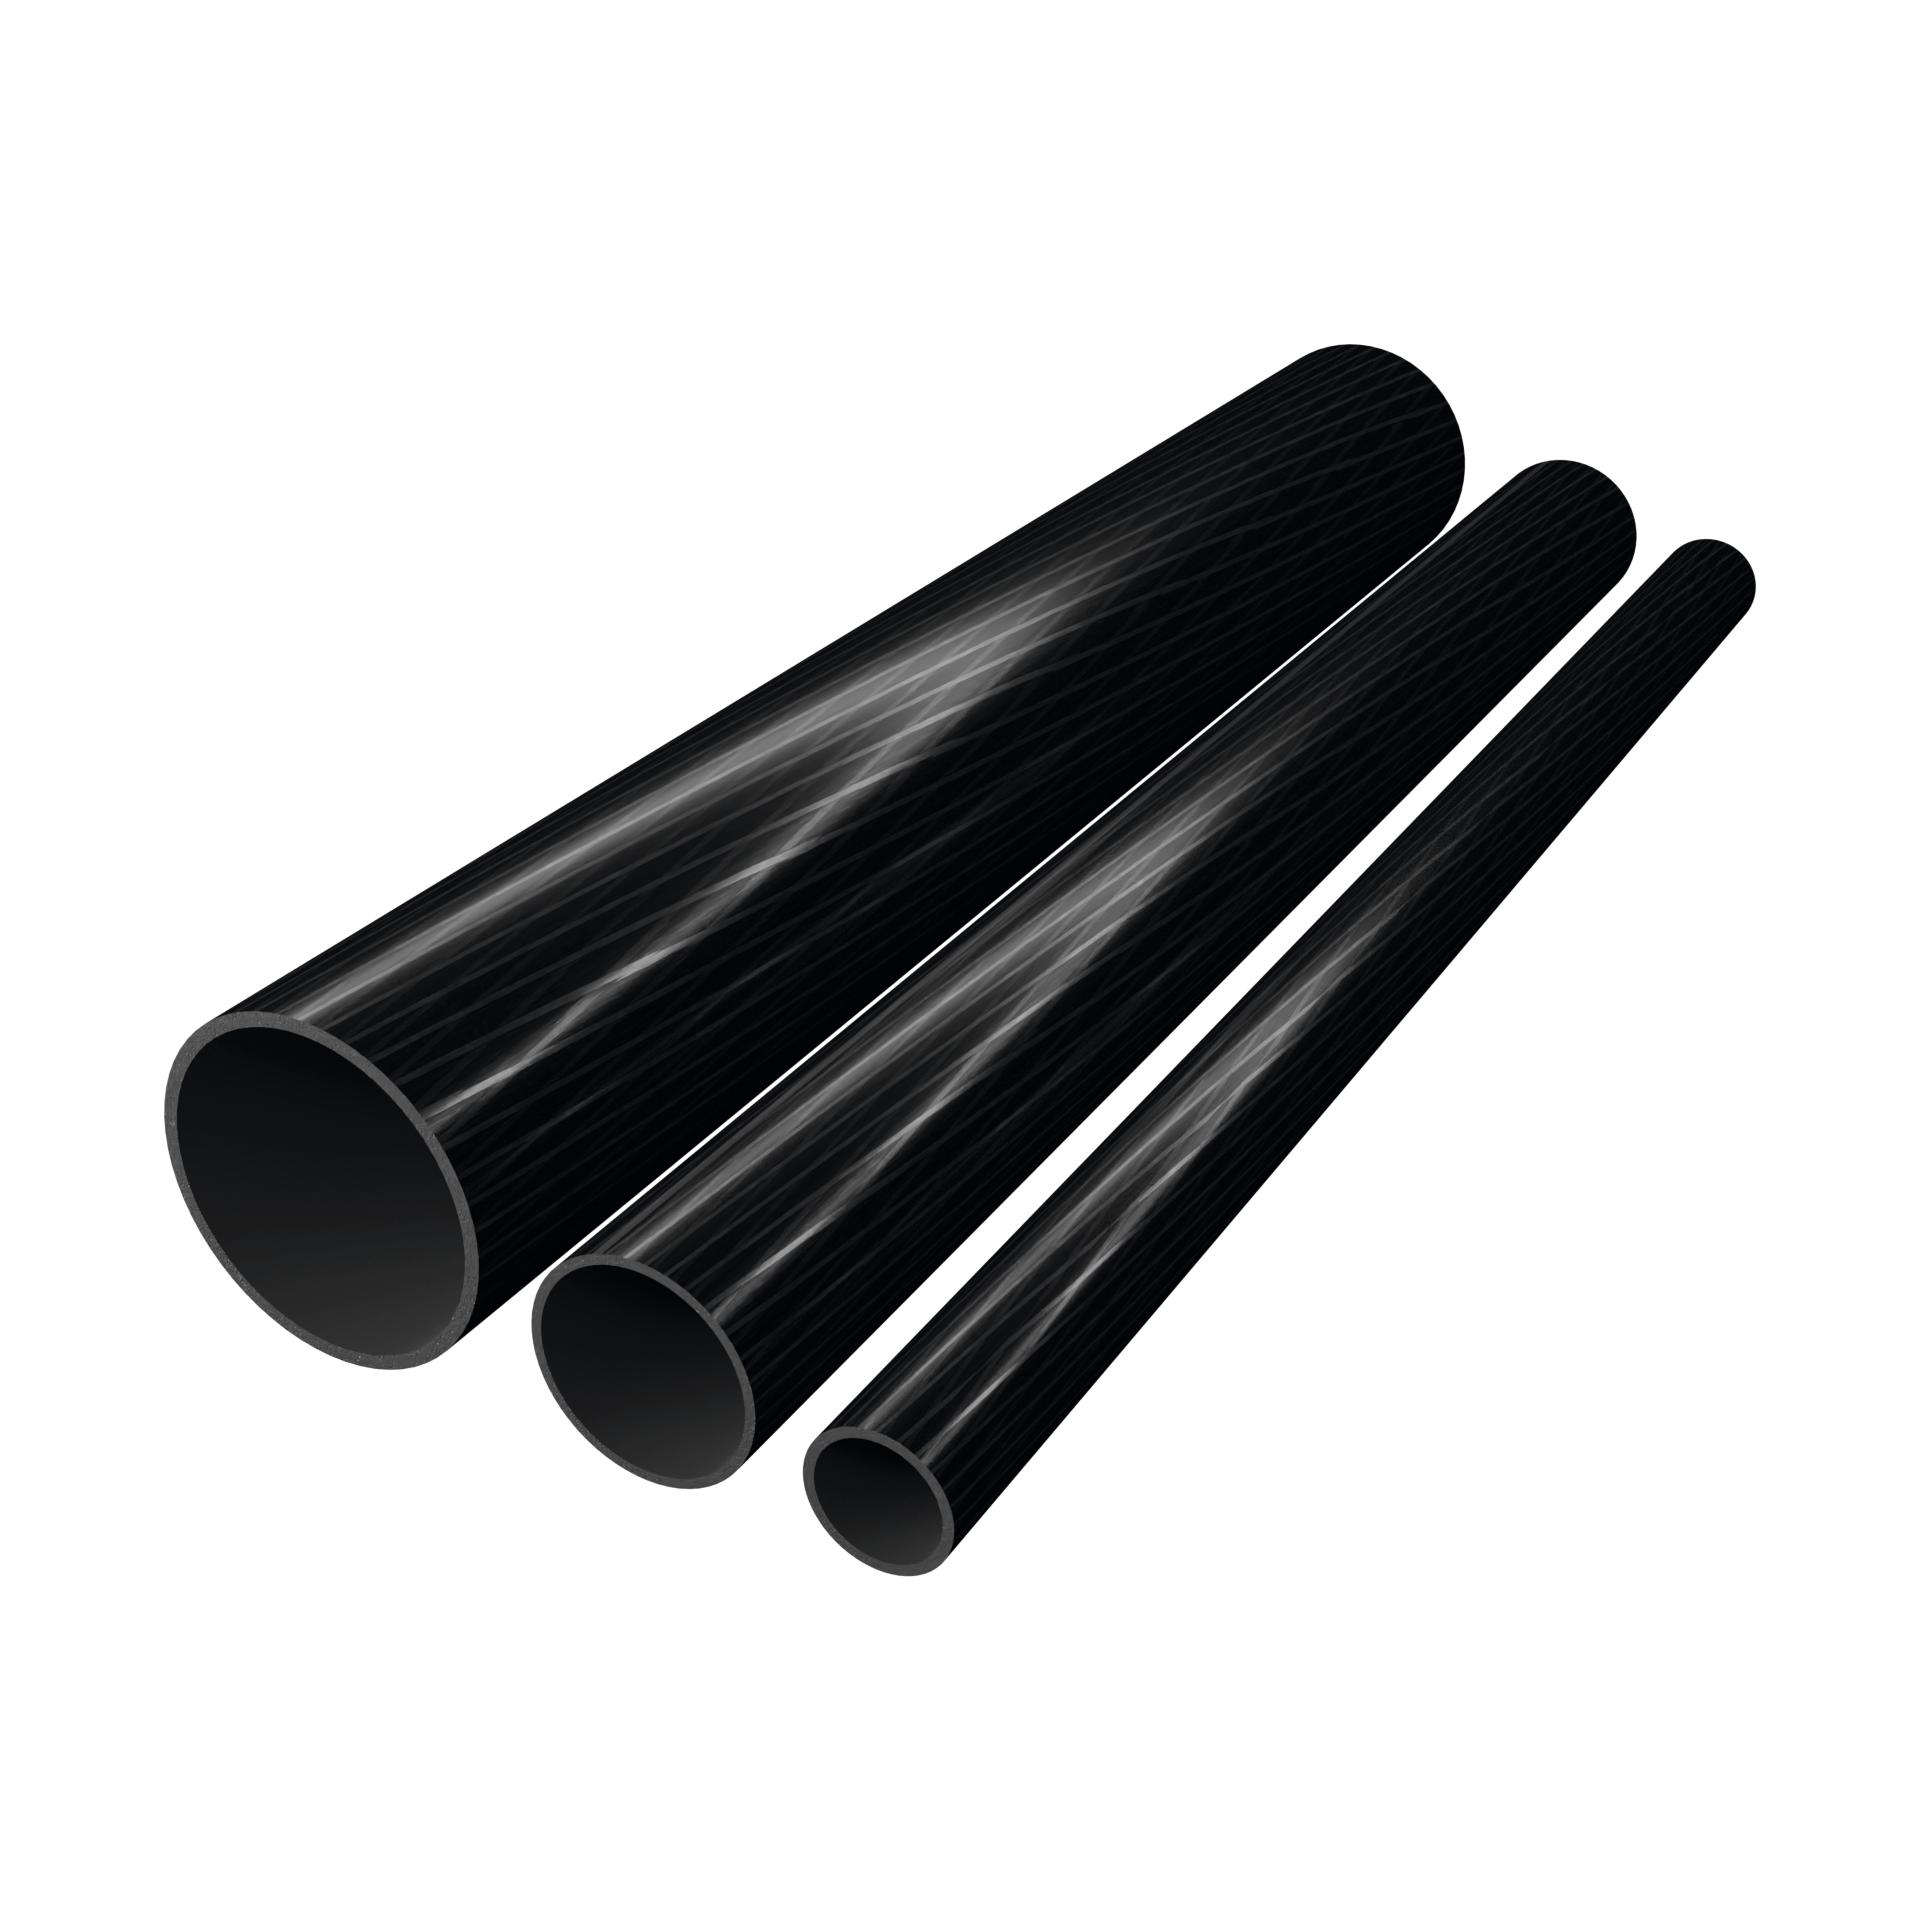 CarboSix carbon fibre Tubes